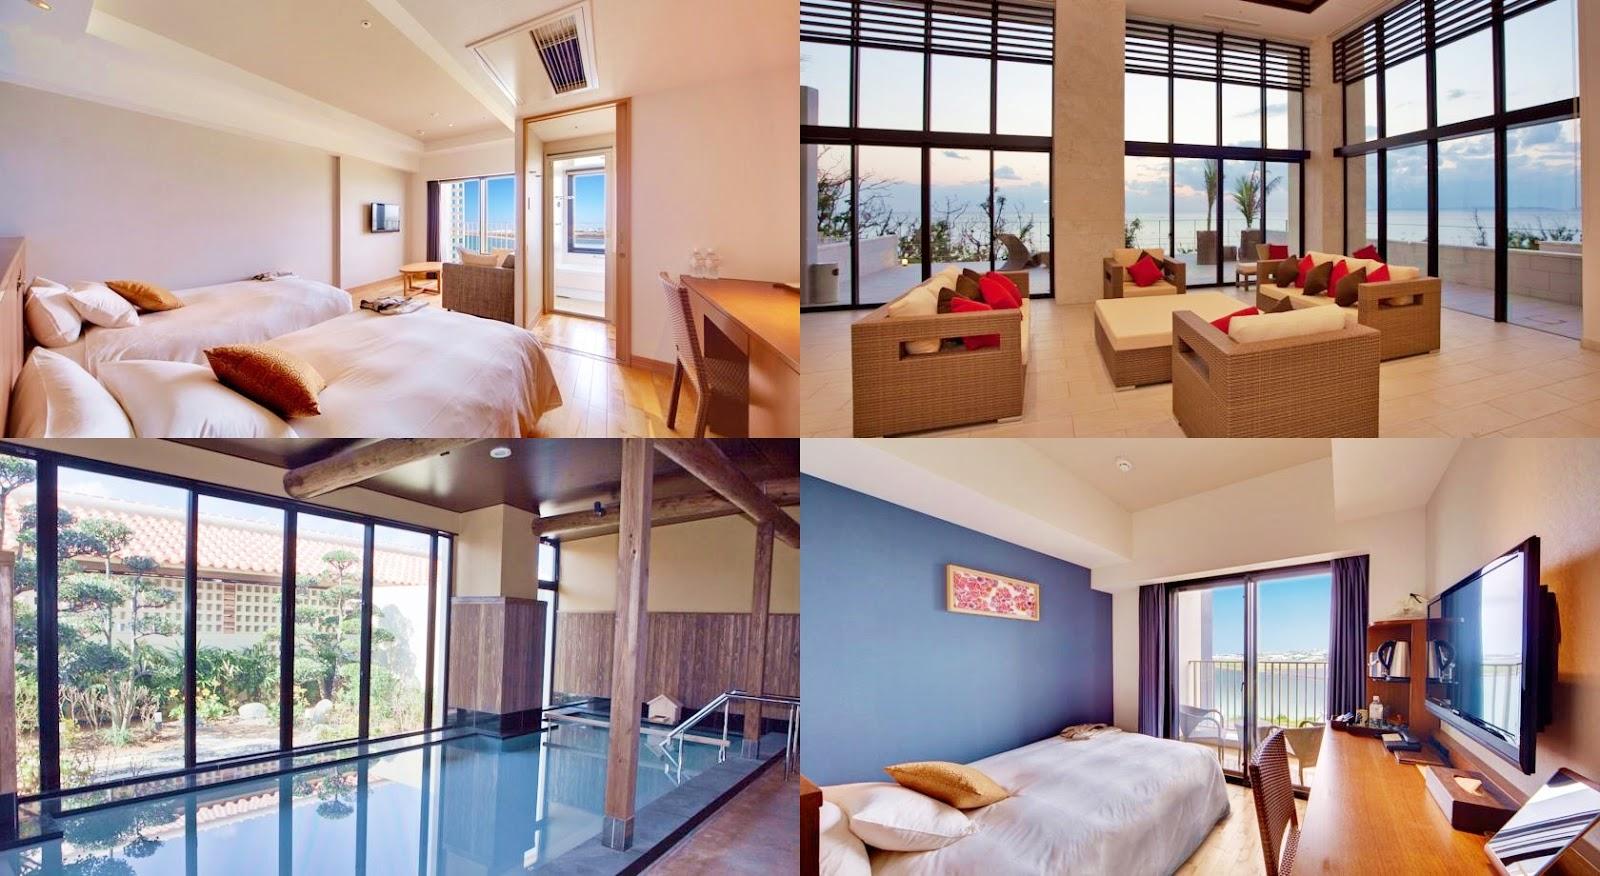 沖繩-住宿-推薦-飯店-旅館-民宿-公寓-琉球溫泉瀨長島酒店-Ryukyu-Onsen-Senagajima-Hotel-Okinawa-hotel-recommendation